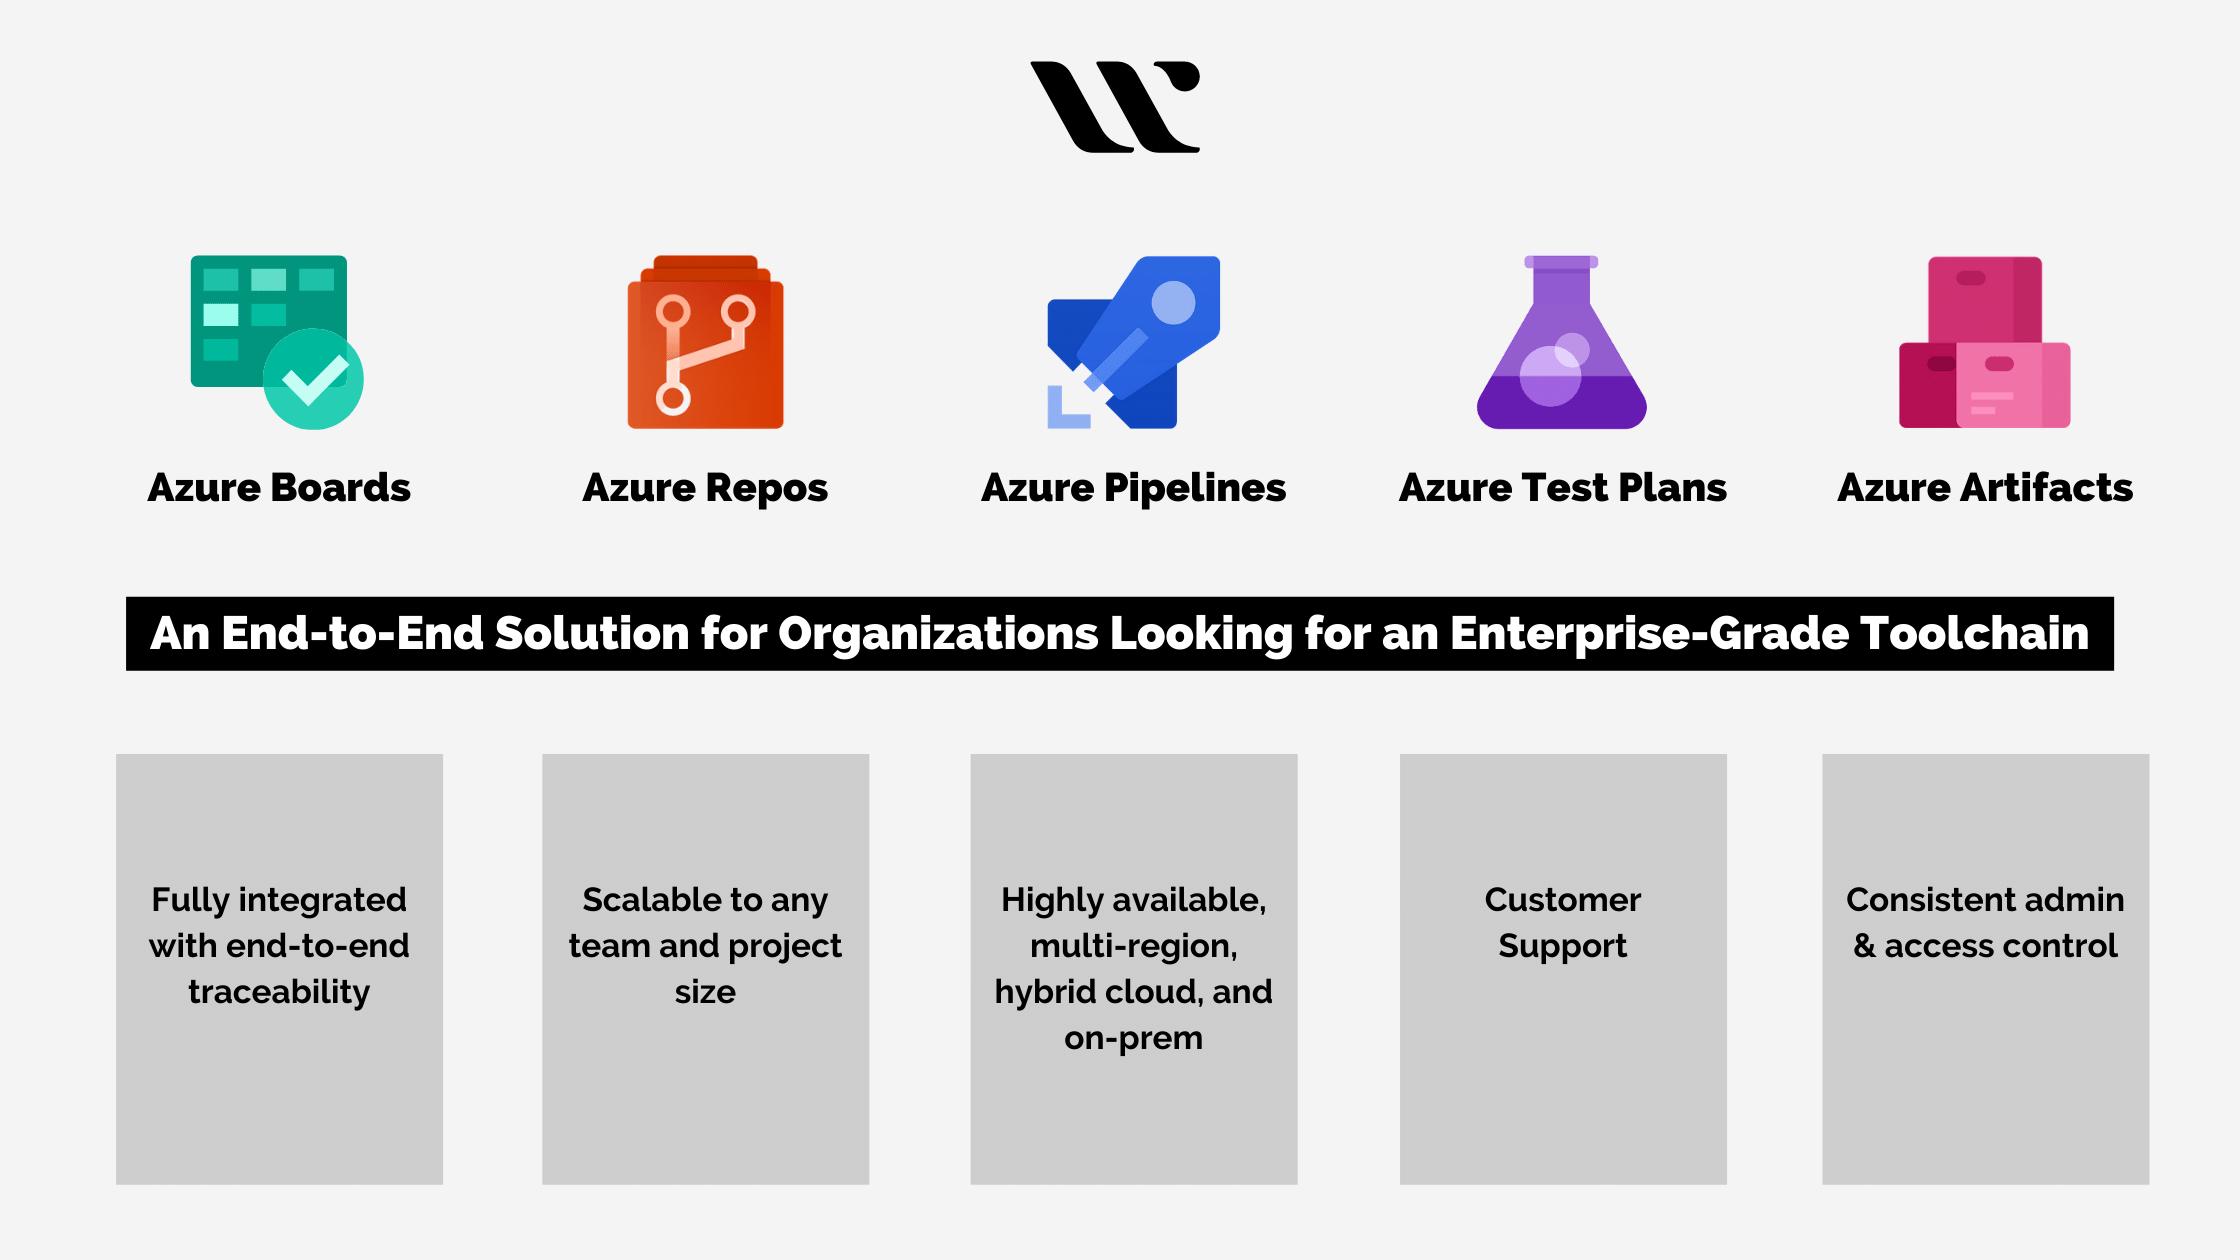 Services of Azure DevOps